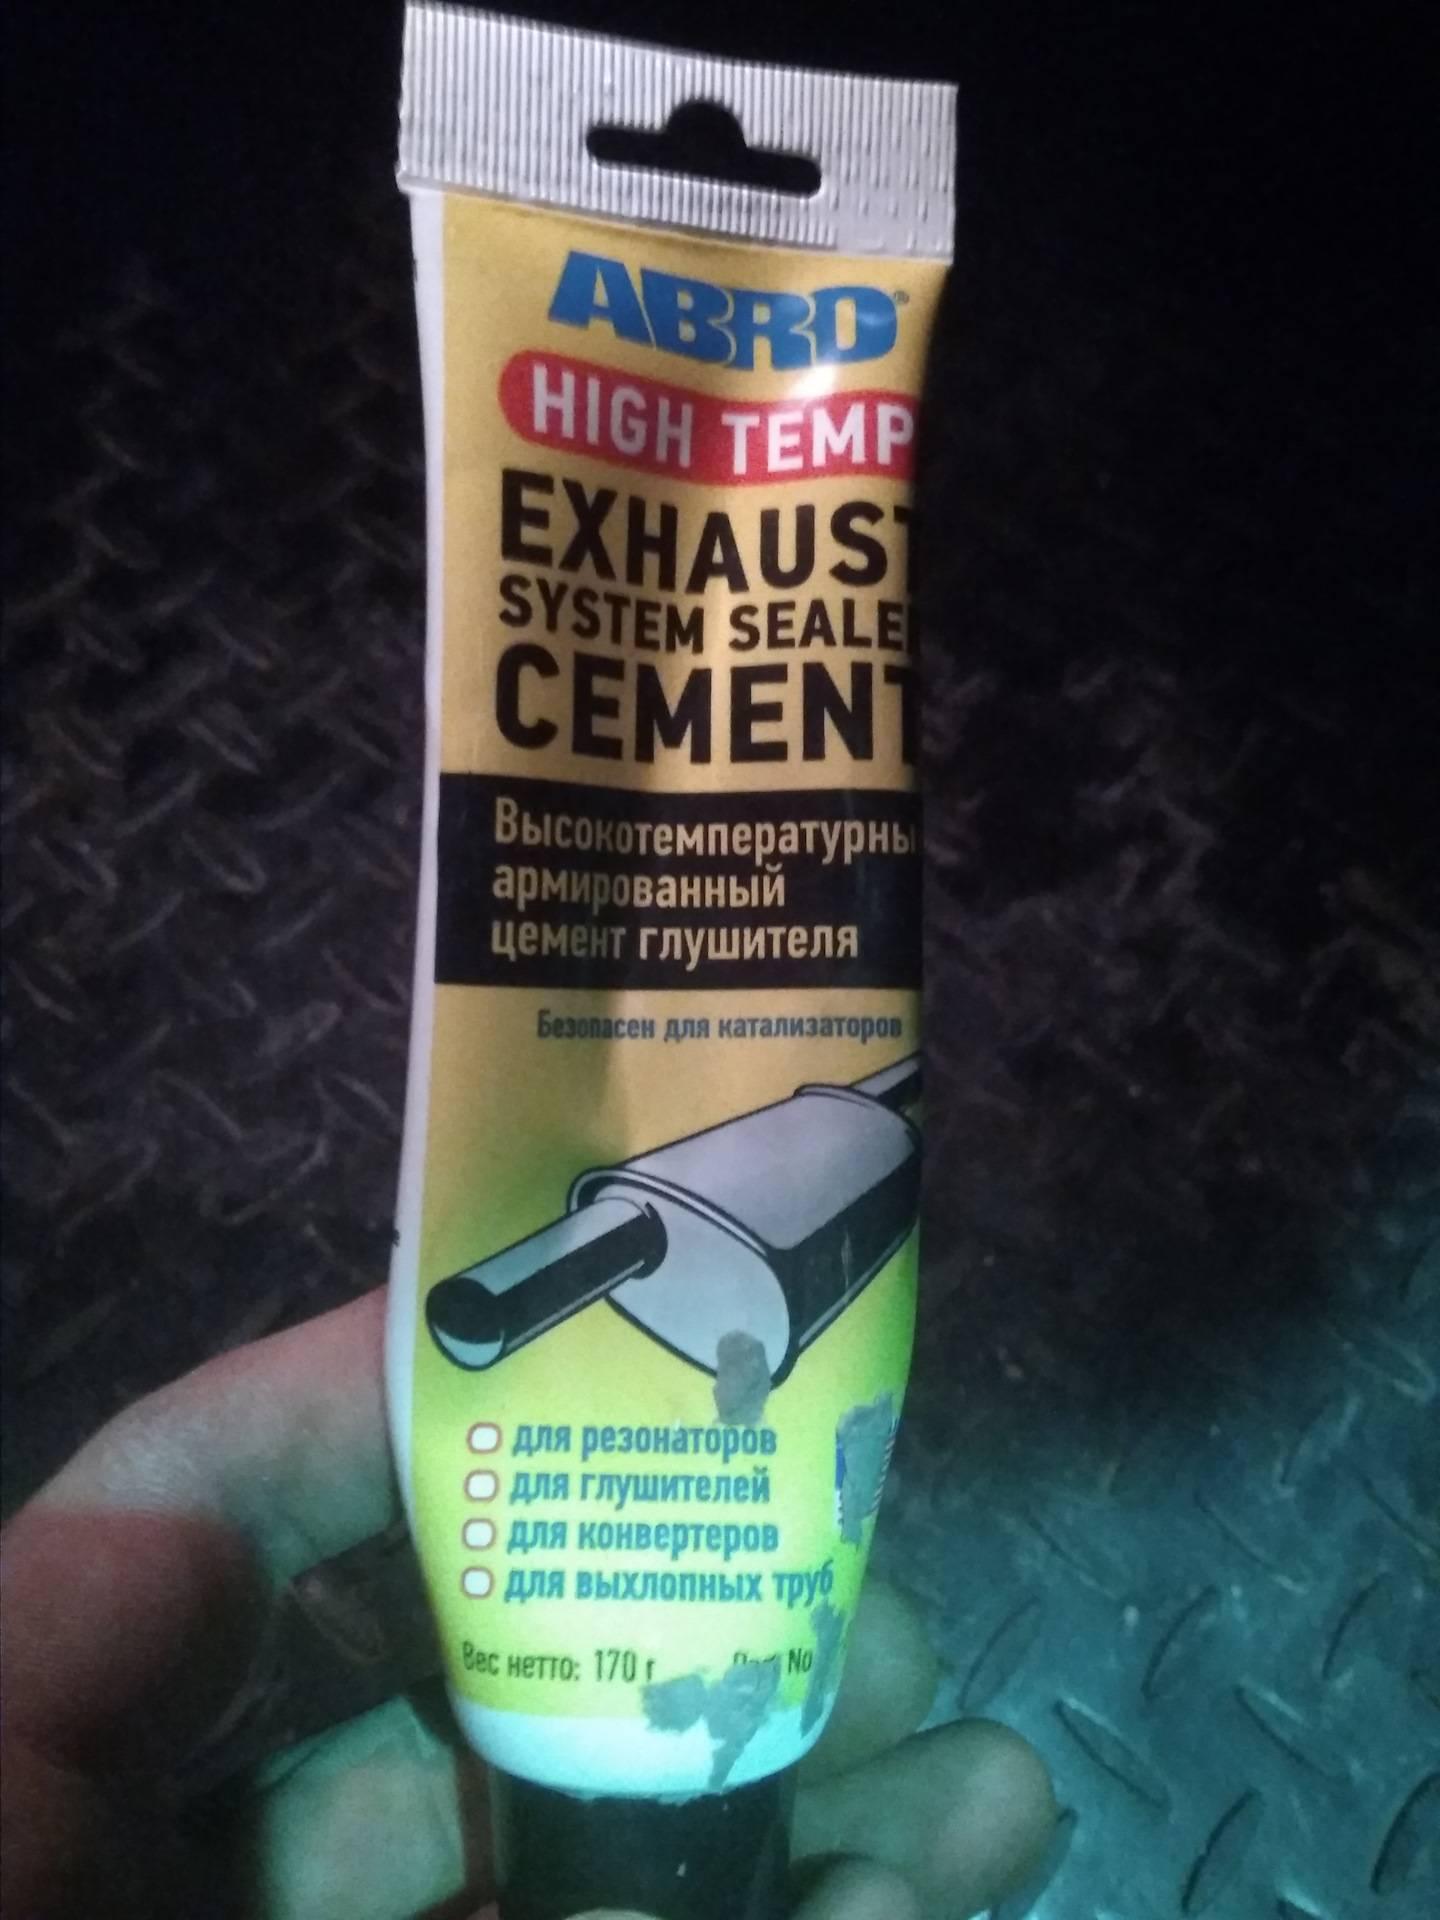 Использование герметика для ремонта глушителя и других элементов выхлопной системы